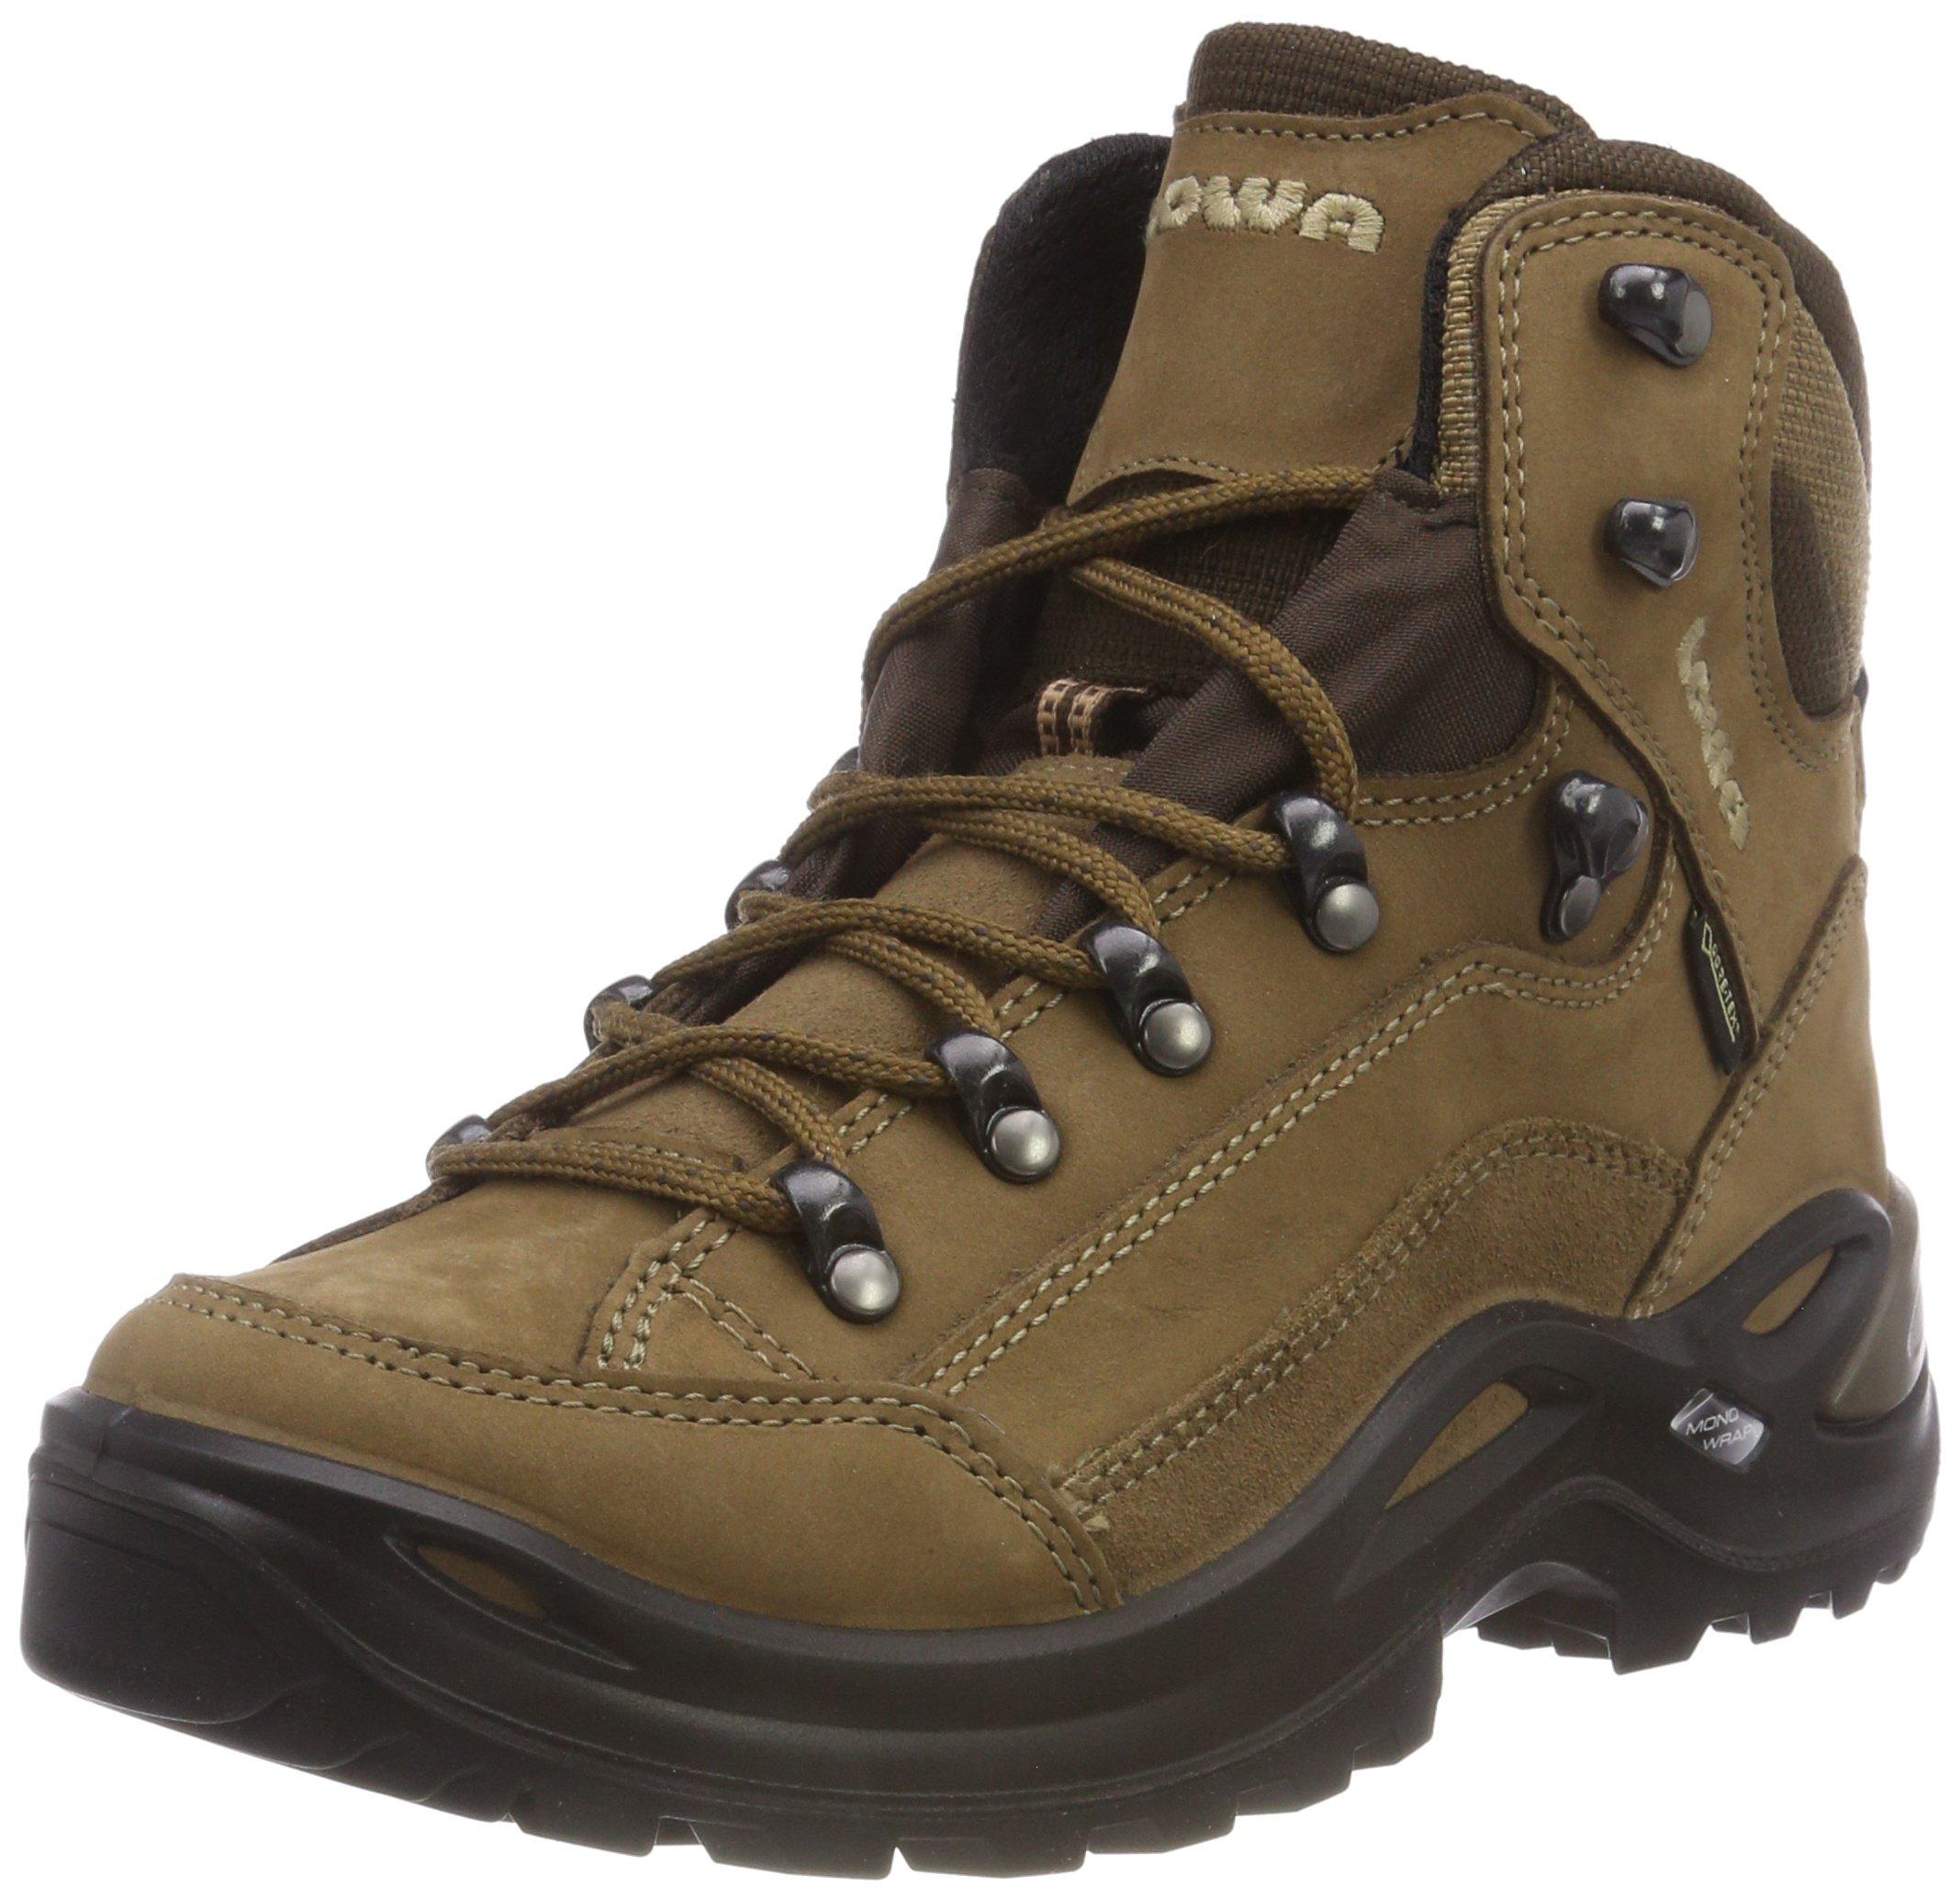 81Htjt42EJL - Lowa RENAGADE GTX MID Ws 320945/9768 Unisex-Adult Hiking Boot